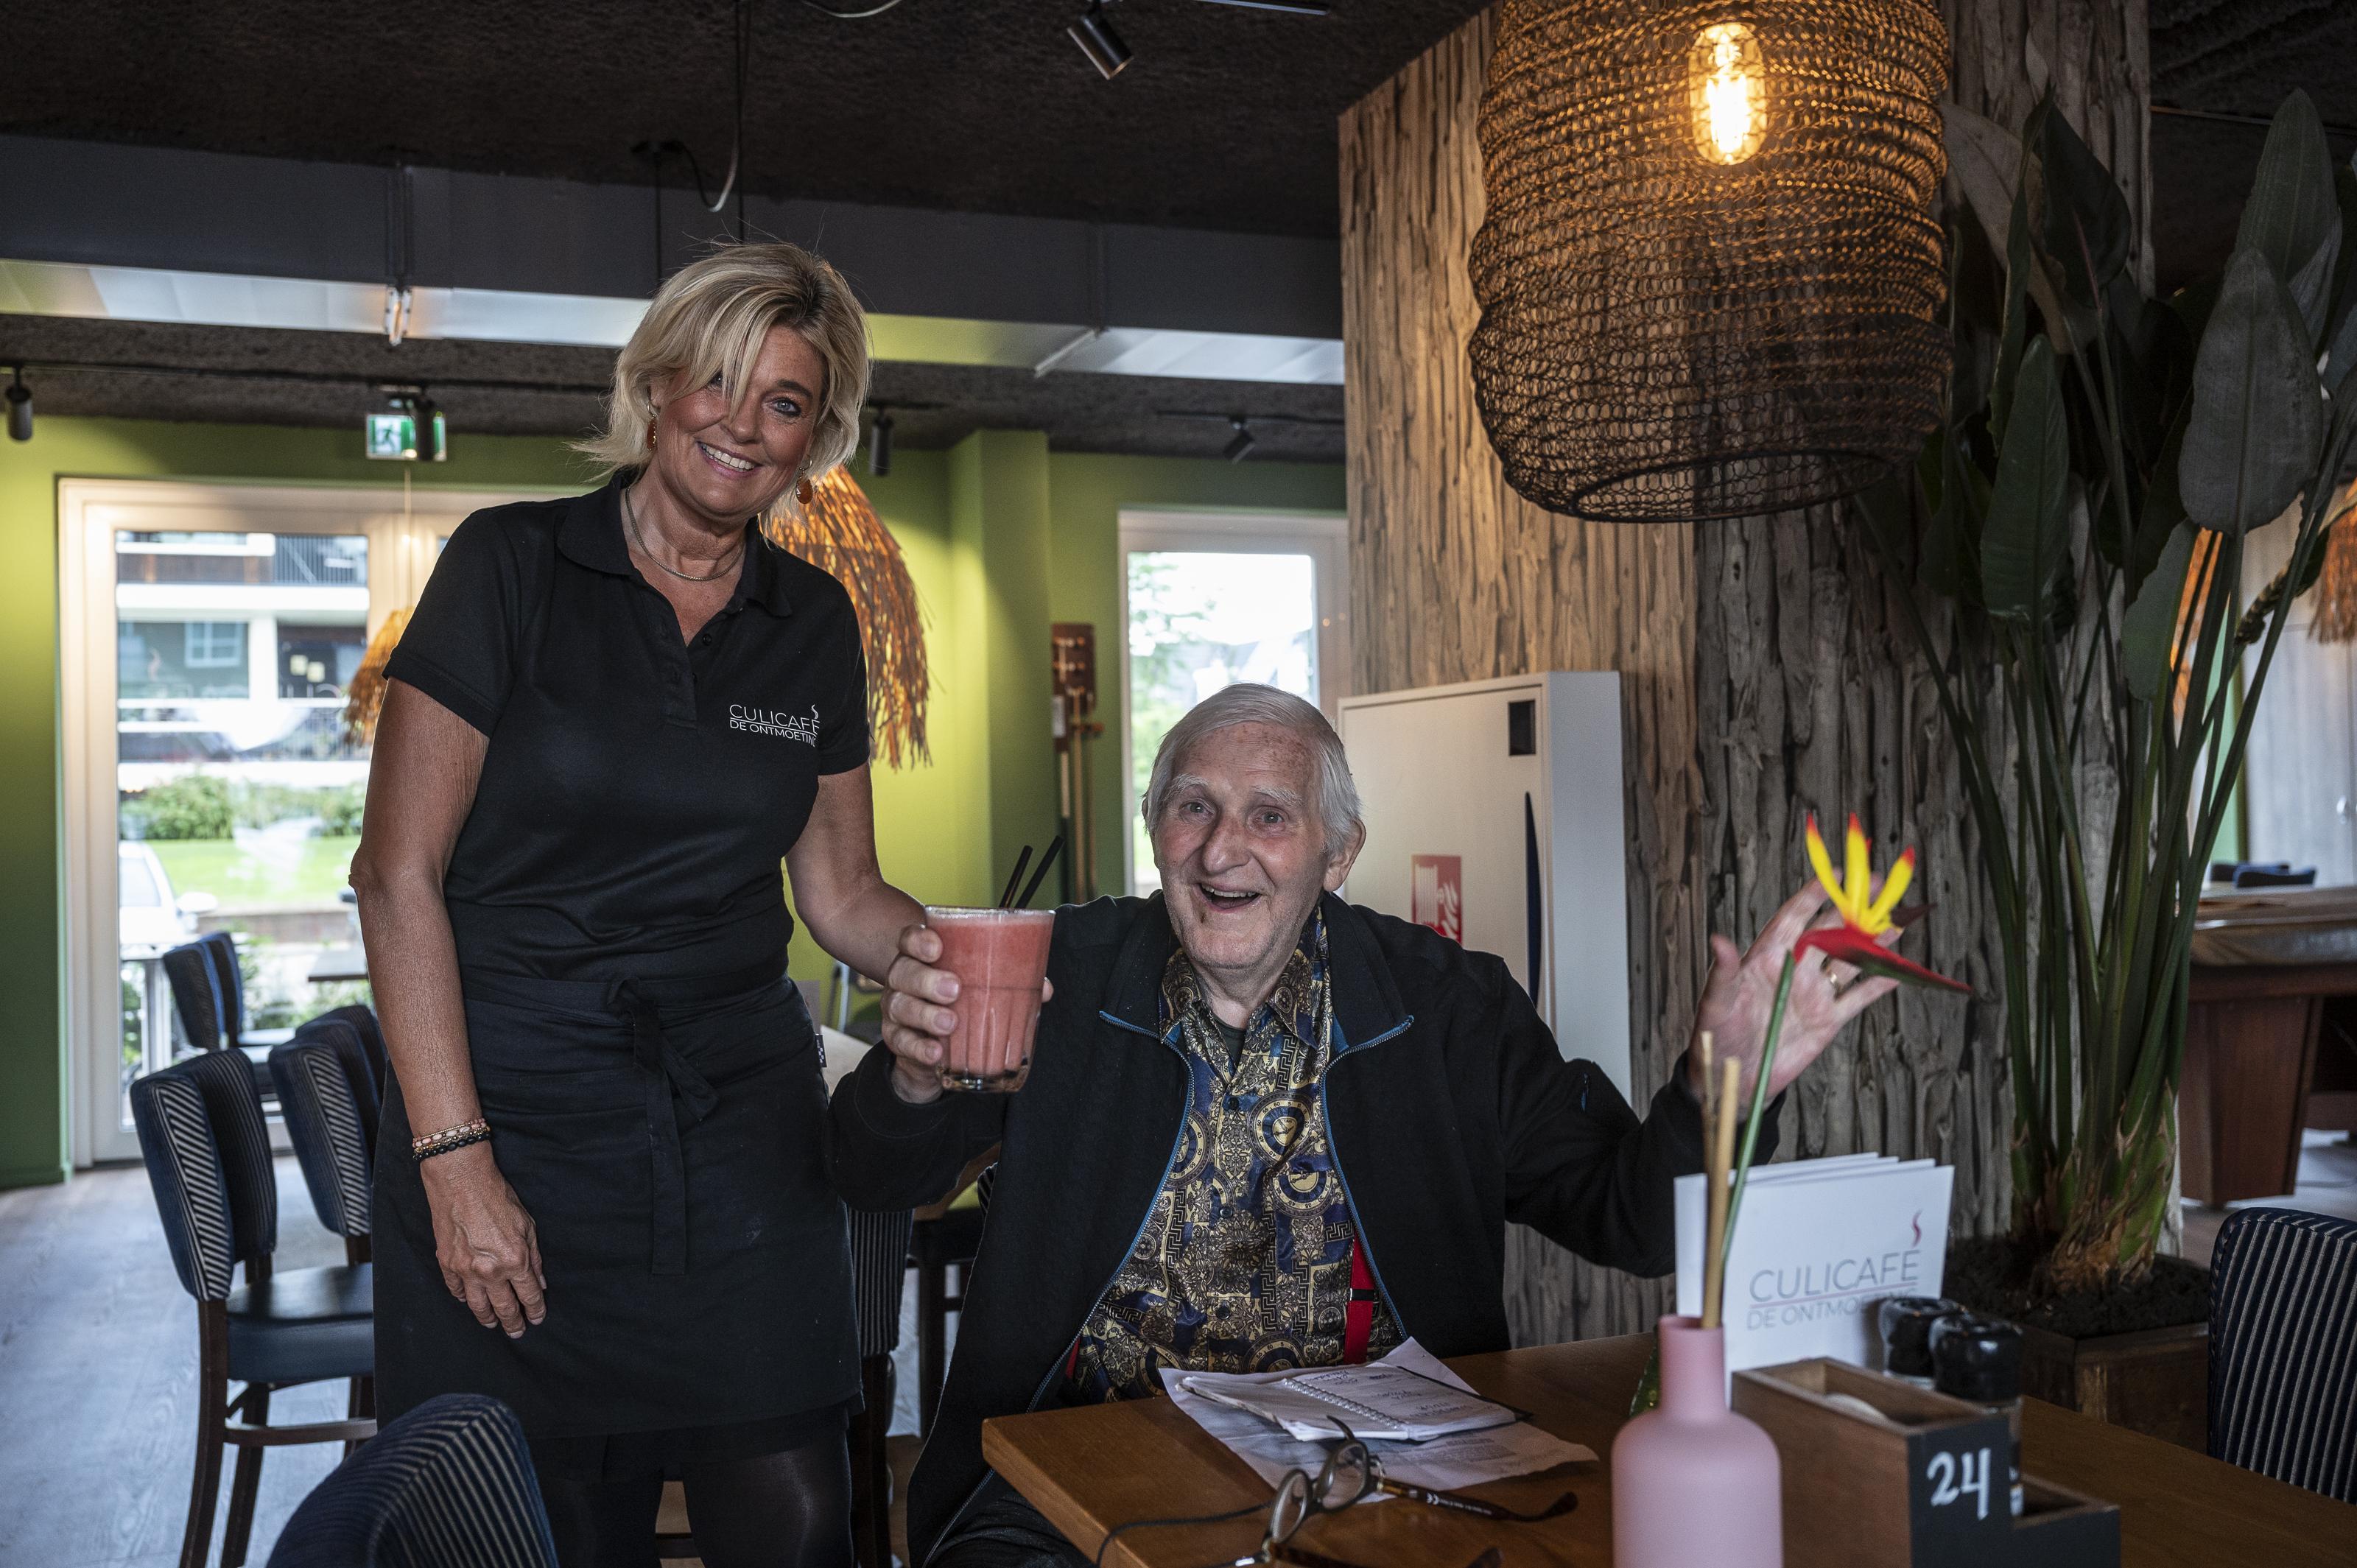 De 'huiskamer' van de Broeckgouw in Volendam begint al een beetje te bruisen. Stamgast Mathieu (87): 'Het zijn allemaal vrienden hier'